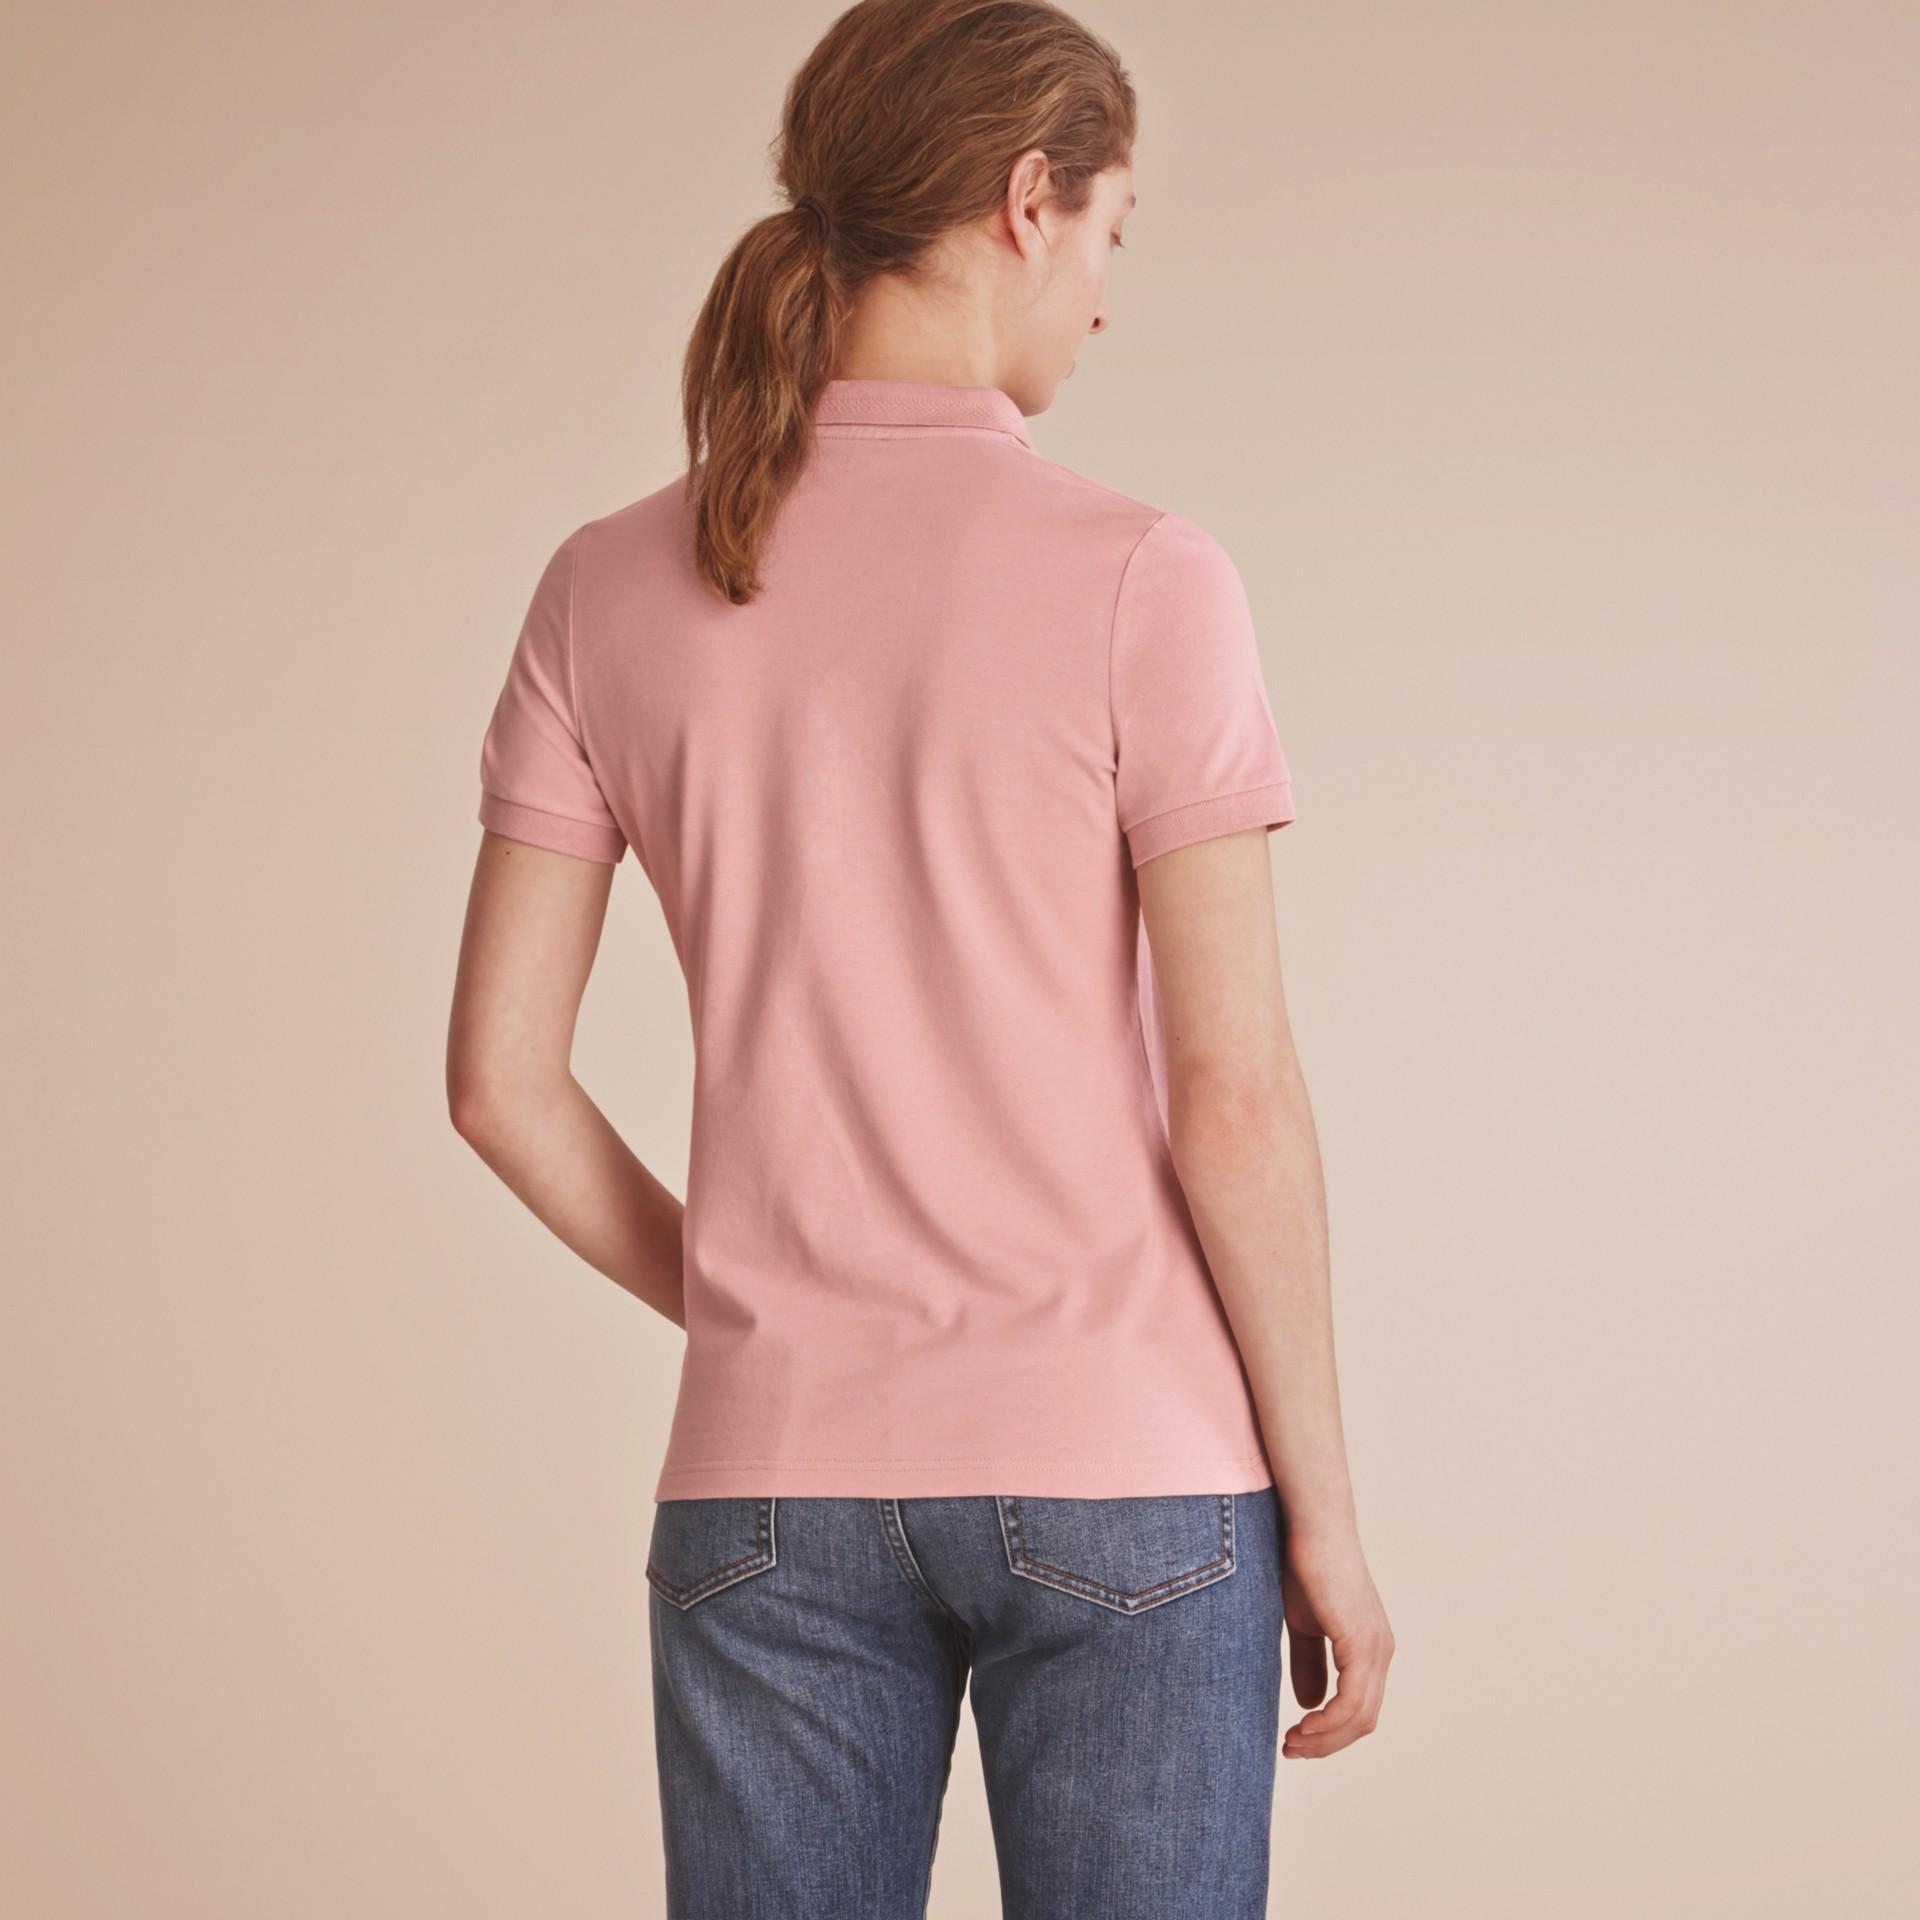 Poloshirt aus einer Baumwollmischung mit Spitzenbesatz und Karodetail (Nudefarben) - Damen | Burberry - Galerie-Bild 3